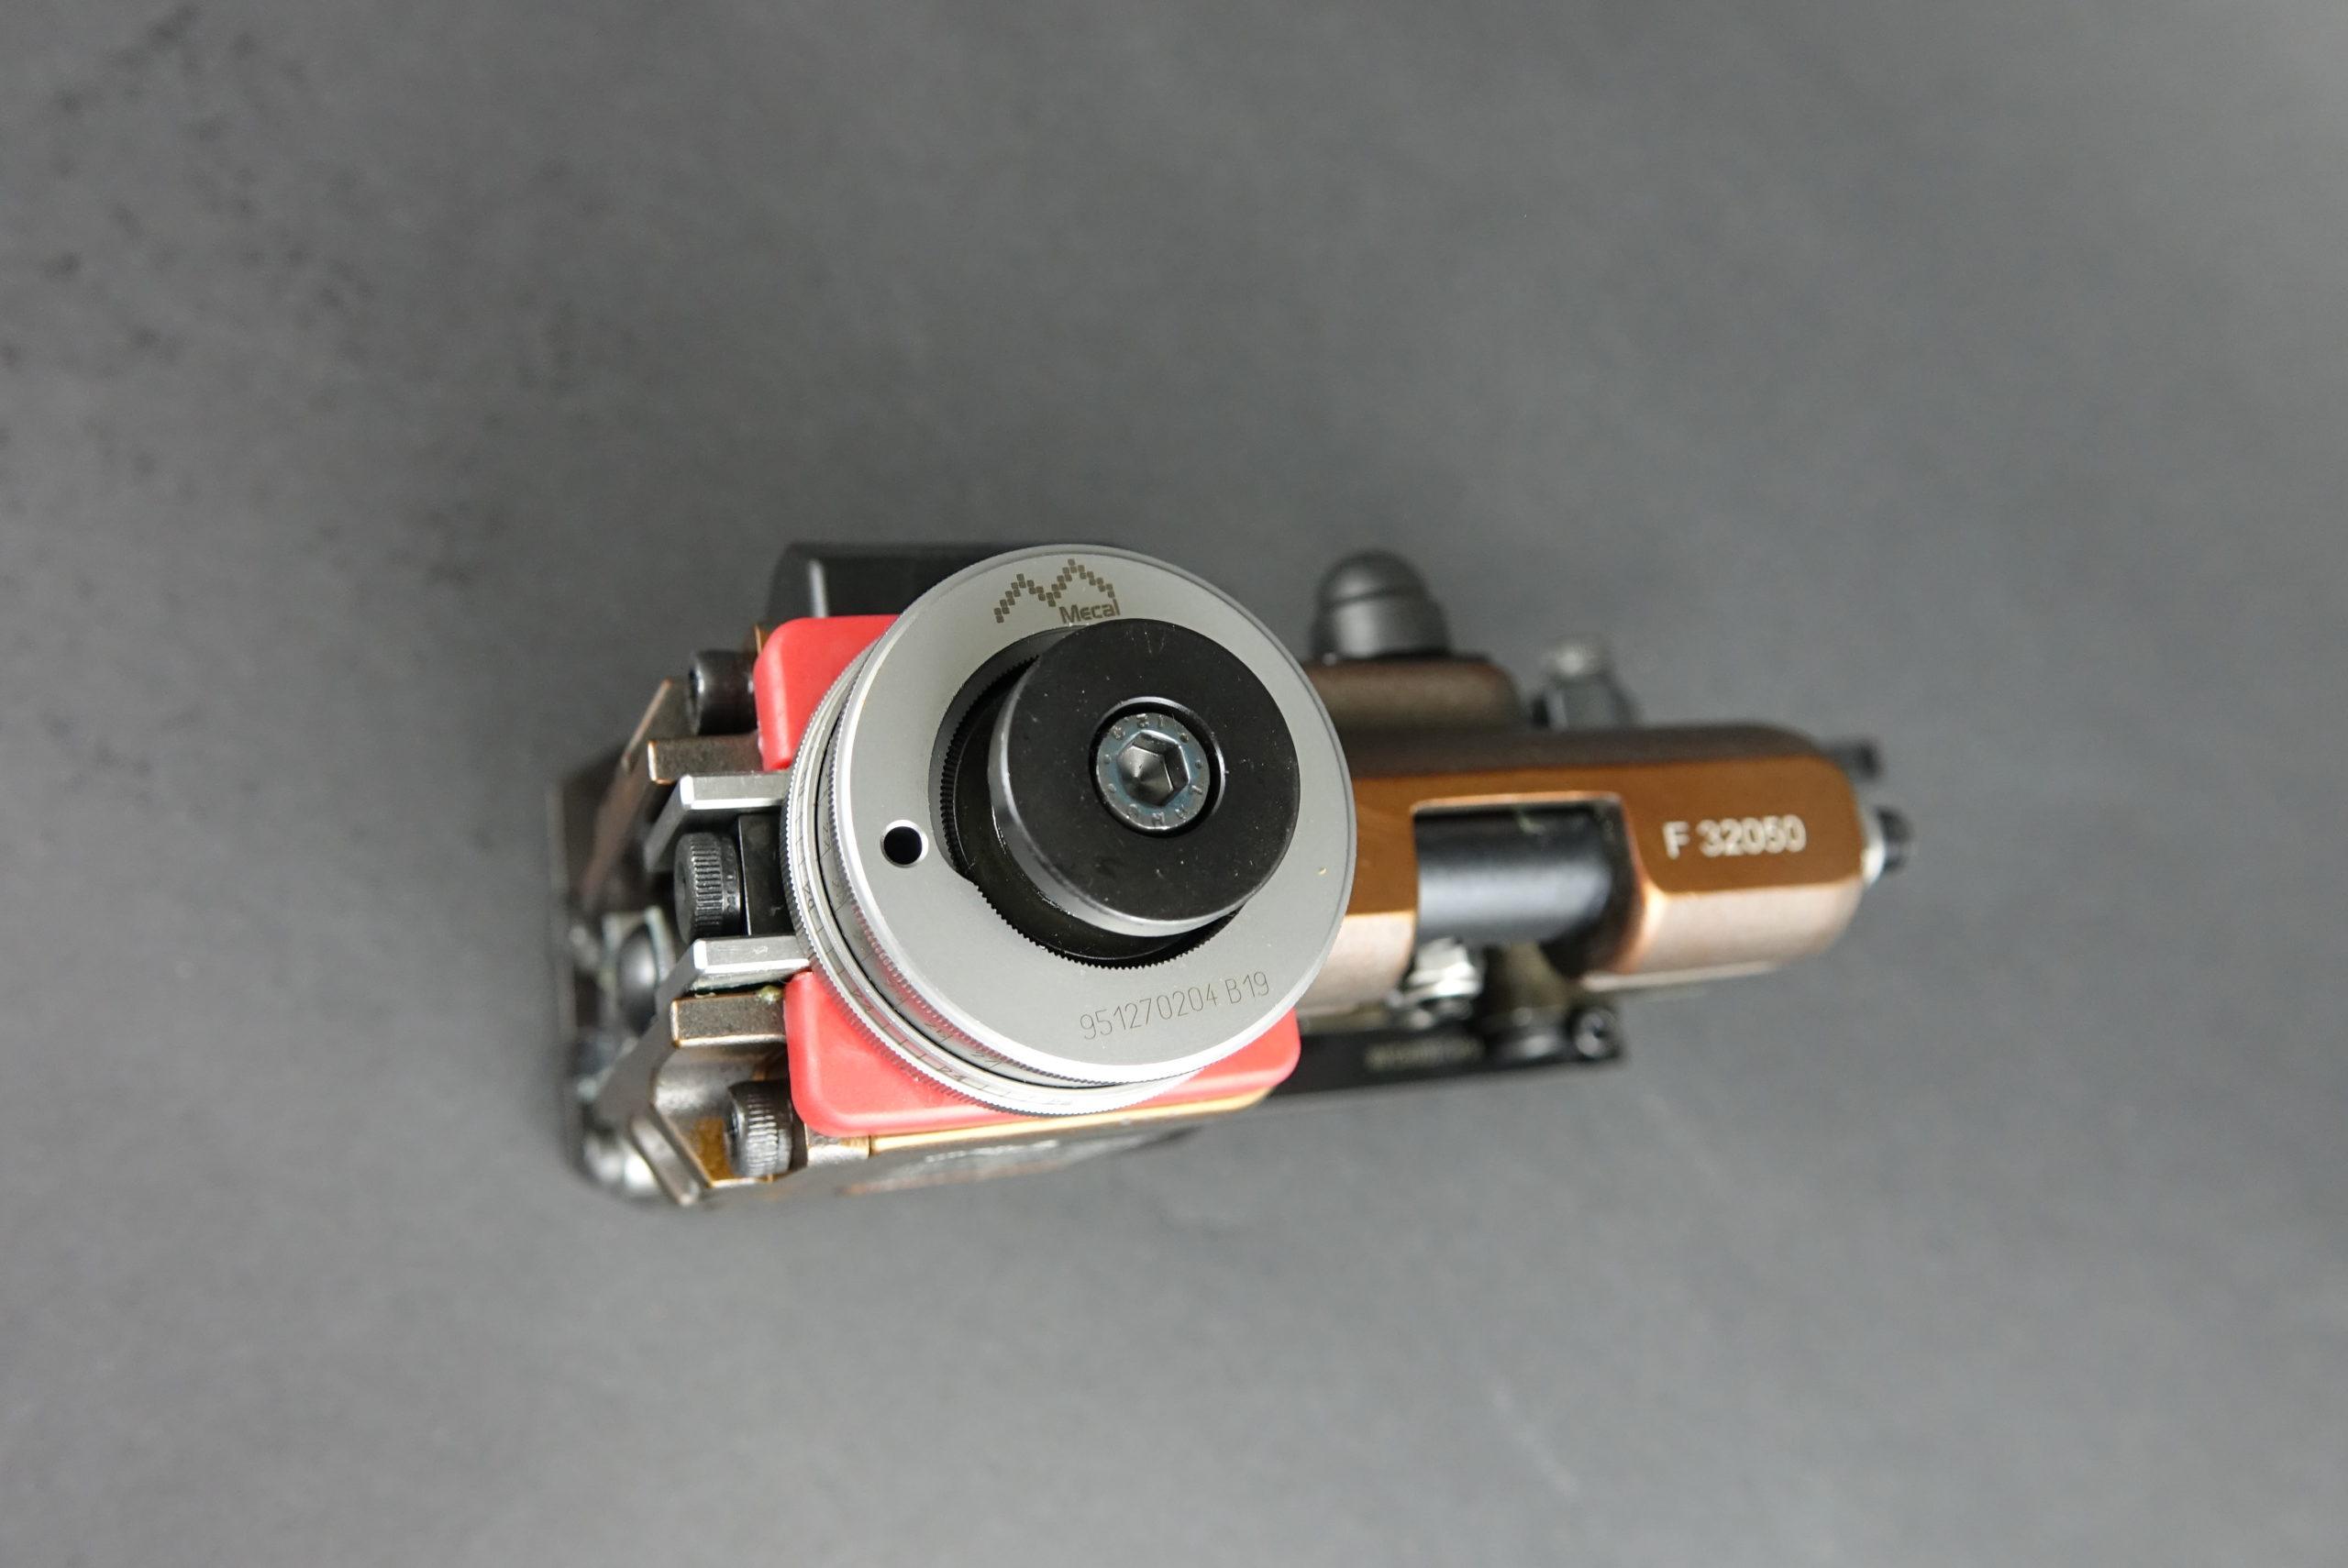 аппликатор для женского наконечника, женский наконечник 6,3, стальной наконечник, GMG 30000.52.001, GMG 30001.40.011